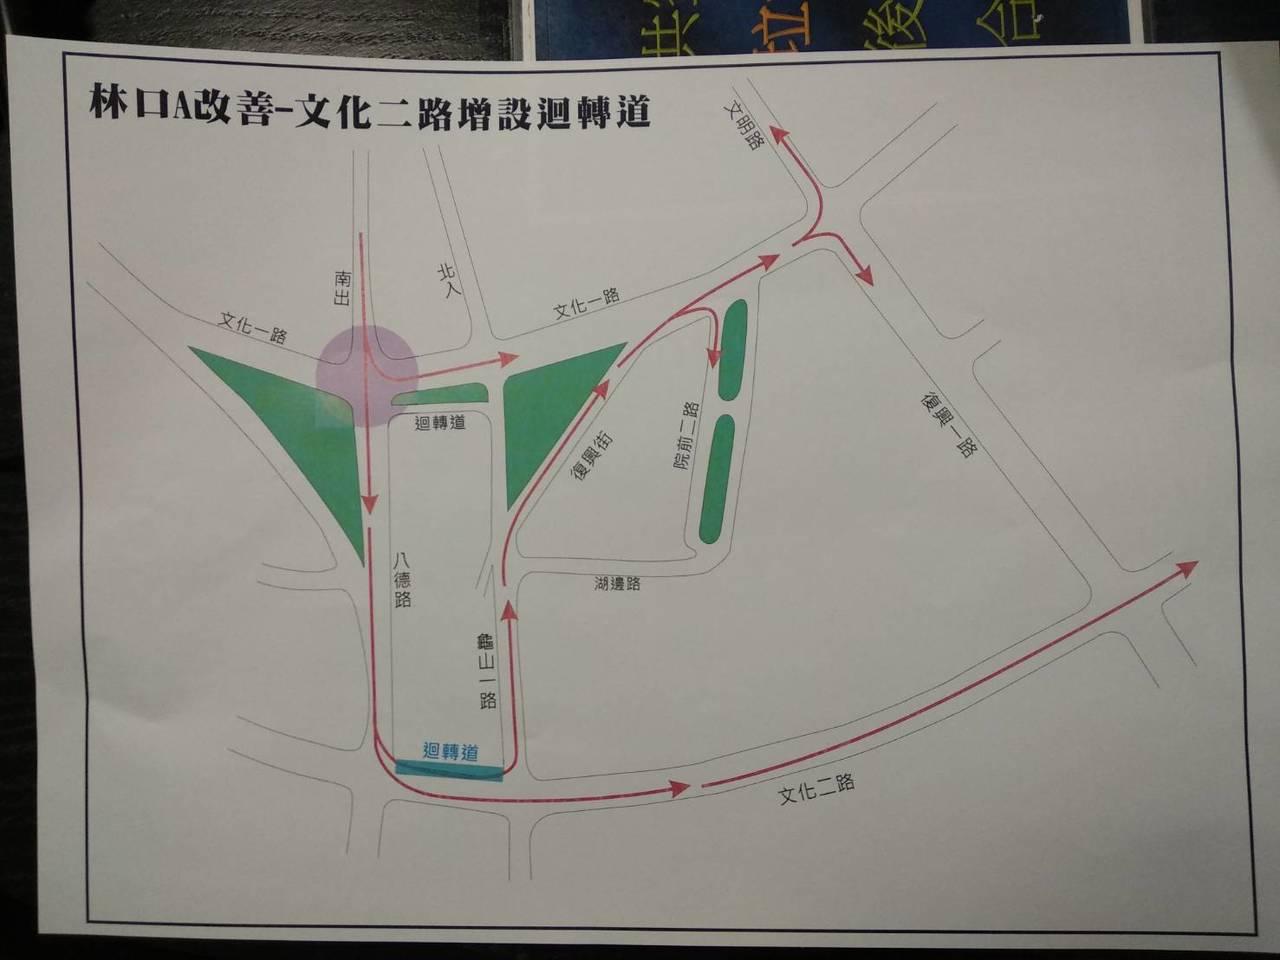 林口A改善,往龜山文化二路增設迴轉道。記者林育瑩/翻攝